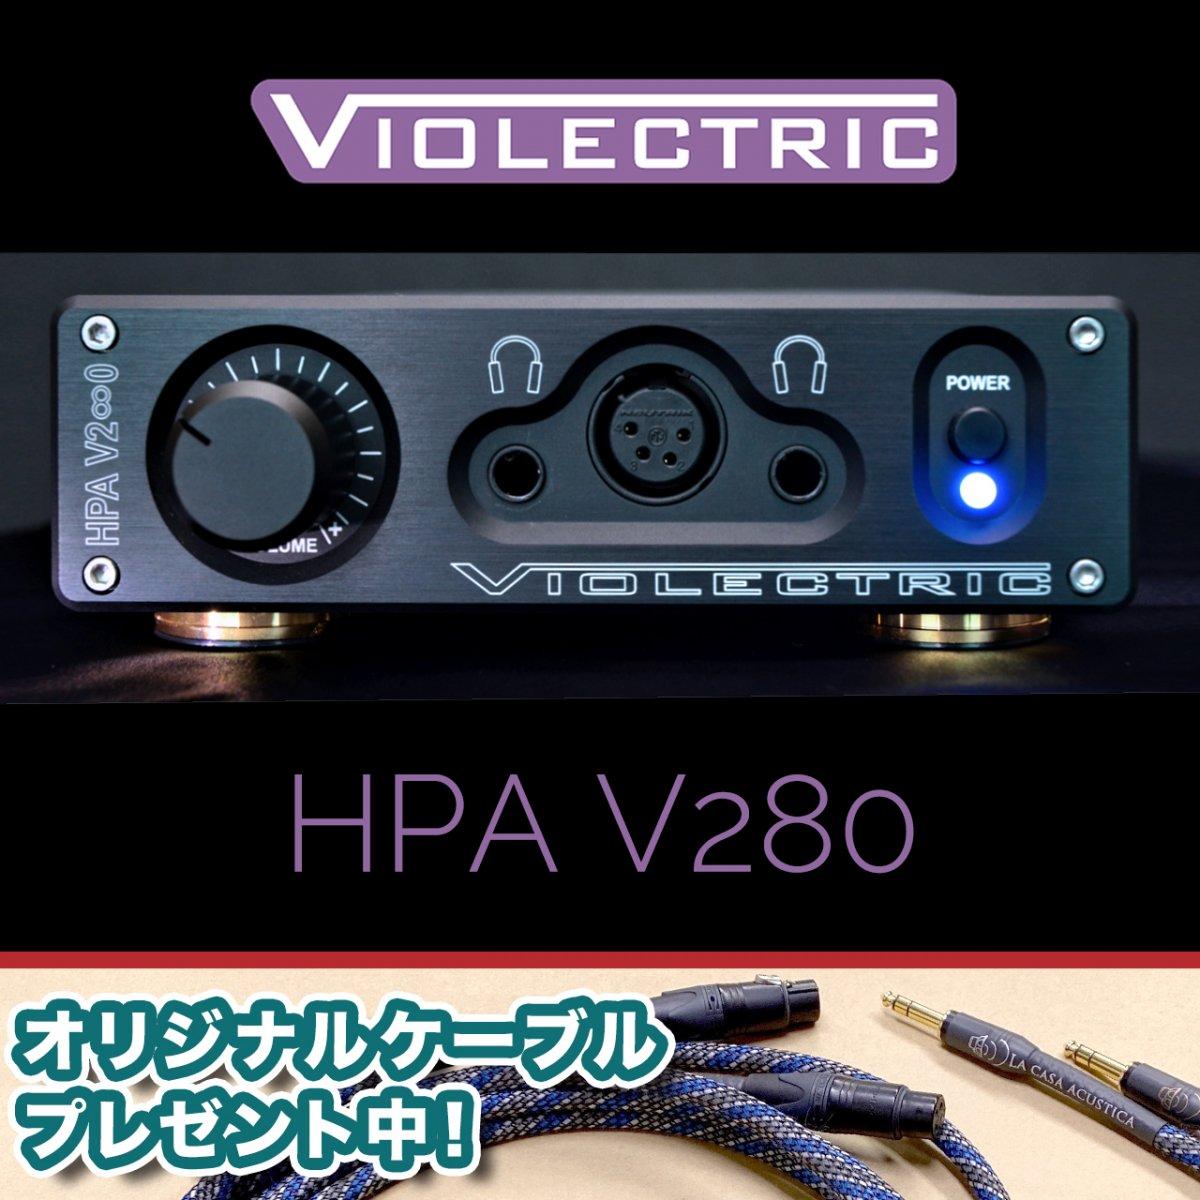 【3月はハンドメイドケーブル プレゼント!】 HPA V280